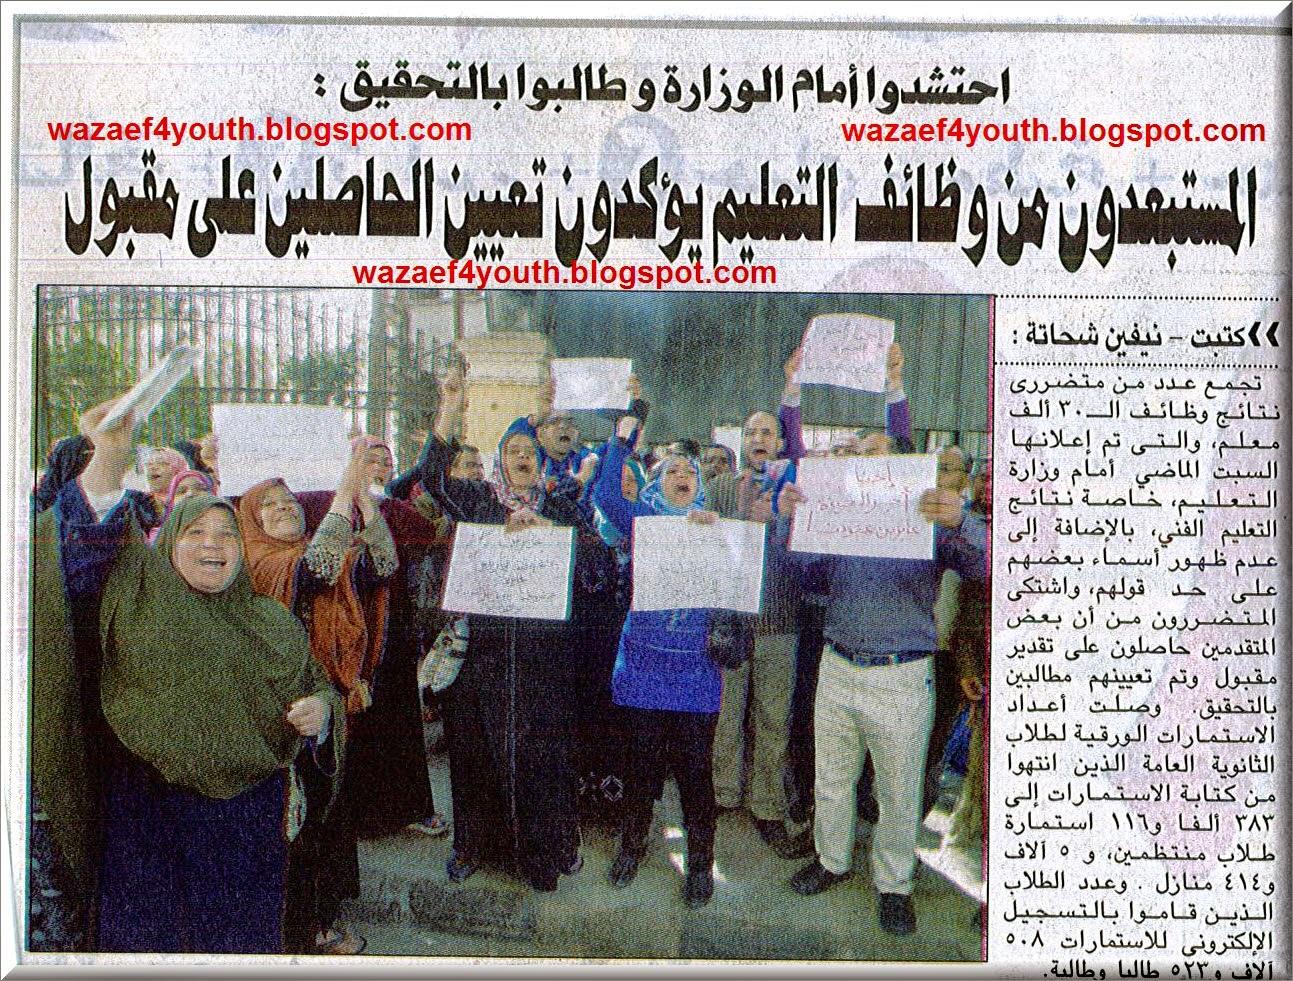 المستبعدون من وظائف التعليم,نتيجة التربية والتعليم,مظاهرات التربية والتعليم